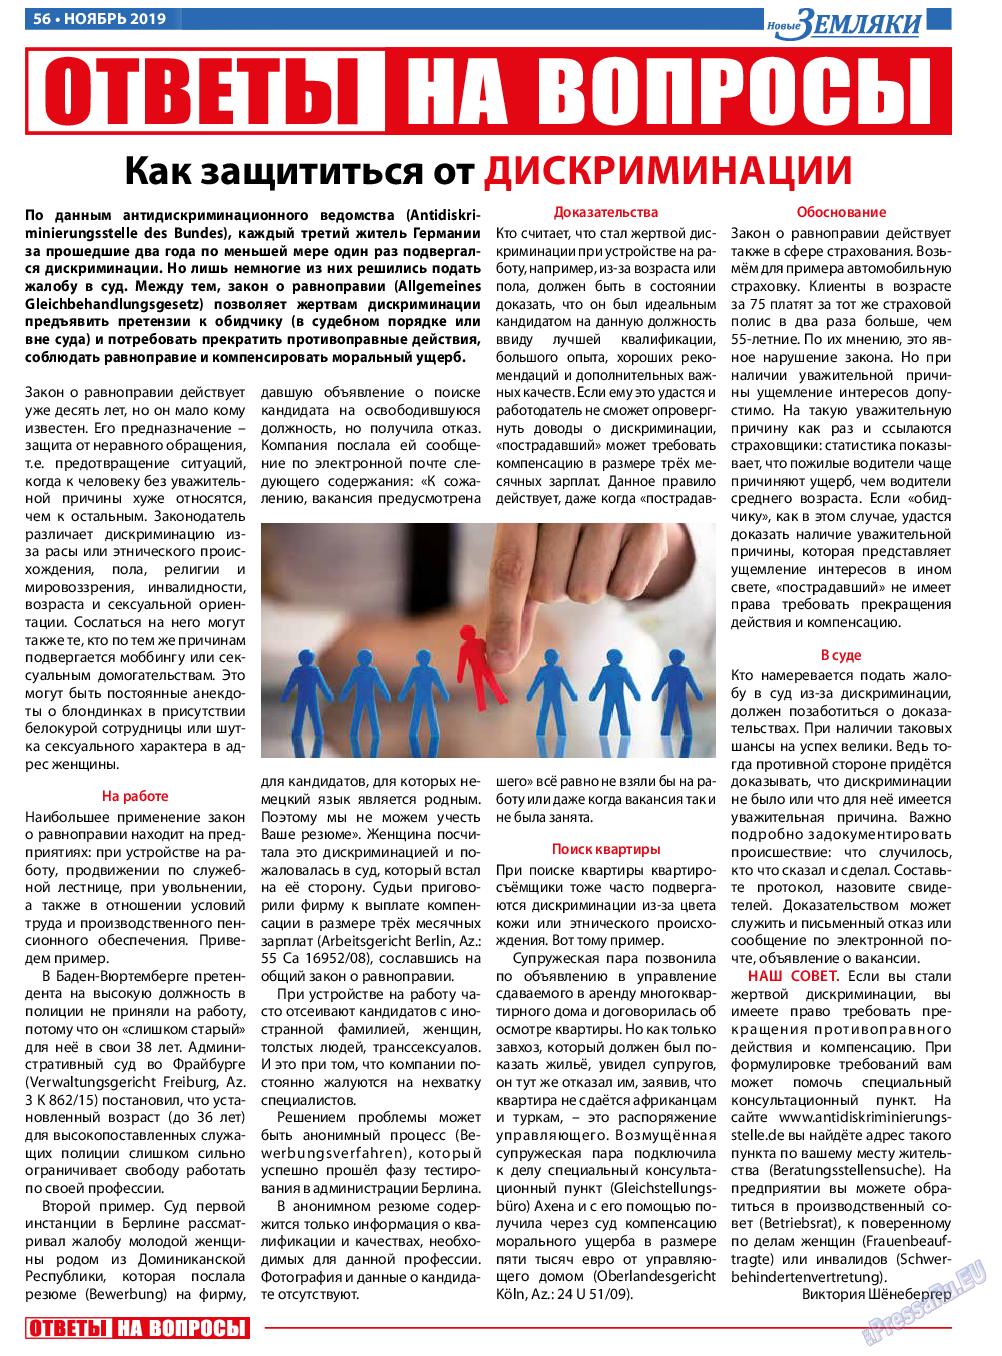 Новые Земляки (газета). 2019 год, номер 11, стр. 56